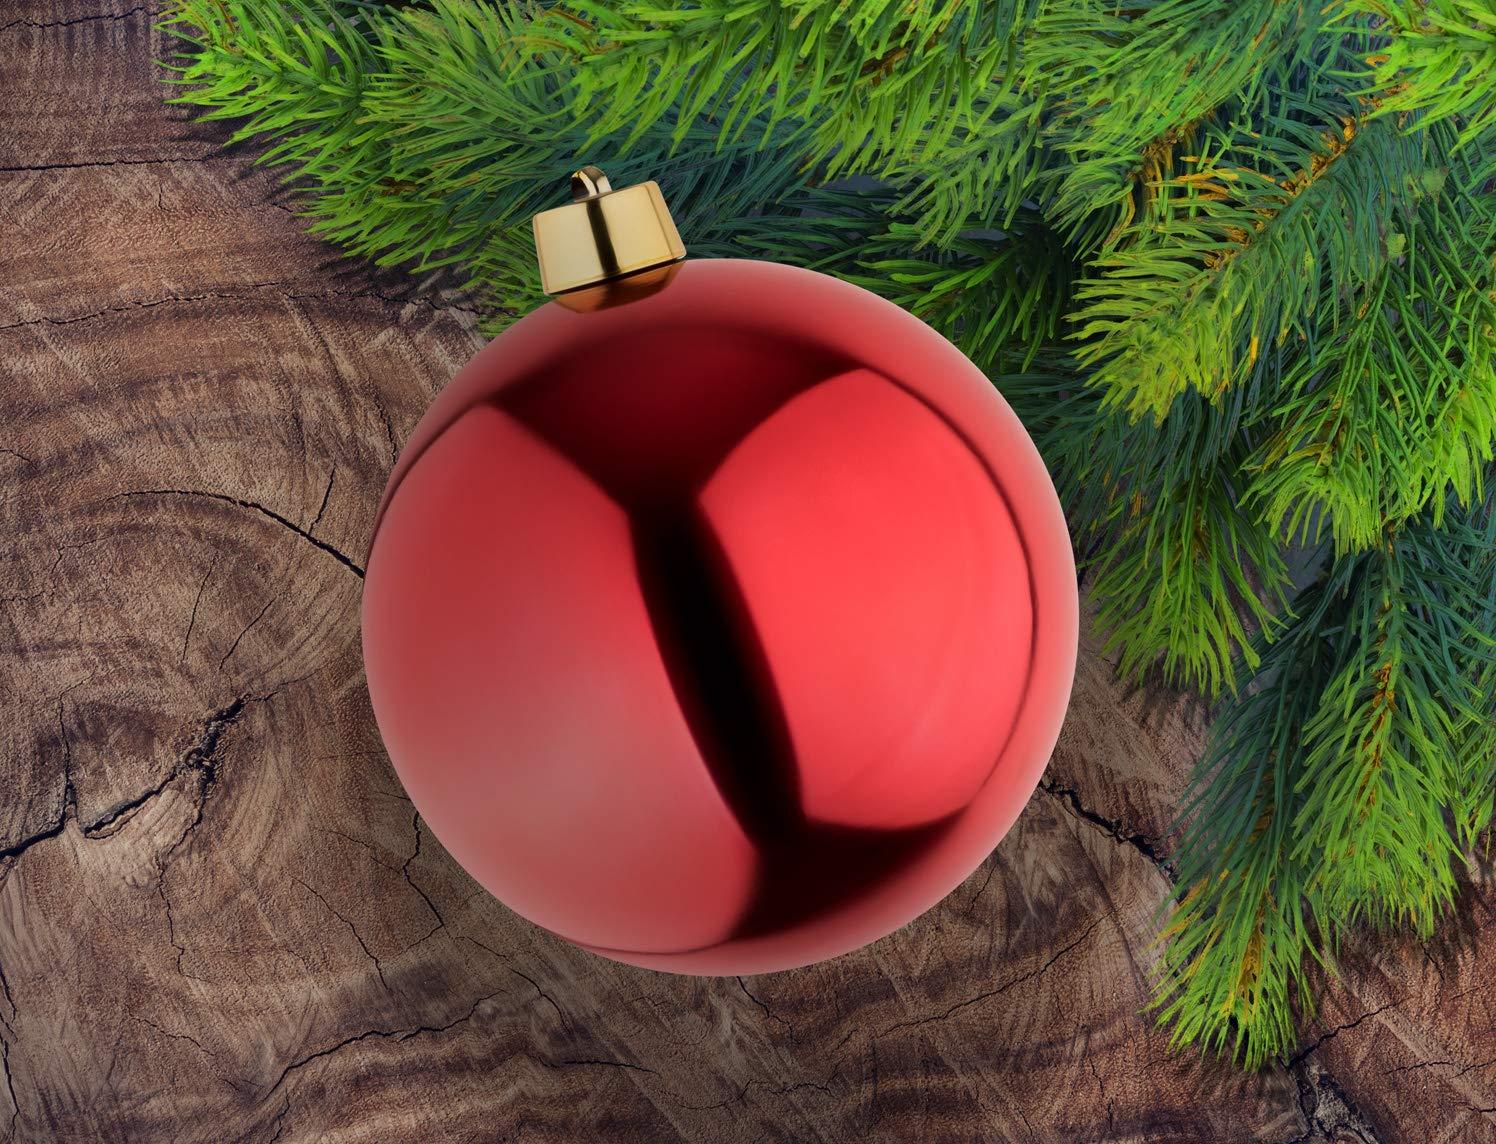 Christbaumkugeln Außenbereich.8 Große Weihnachtskugeln Christbaumkugeln Rot Glänzend 25 Cm